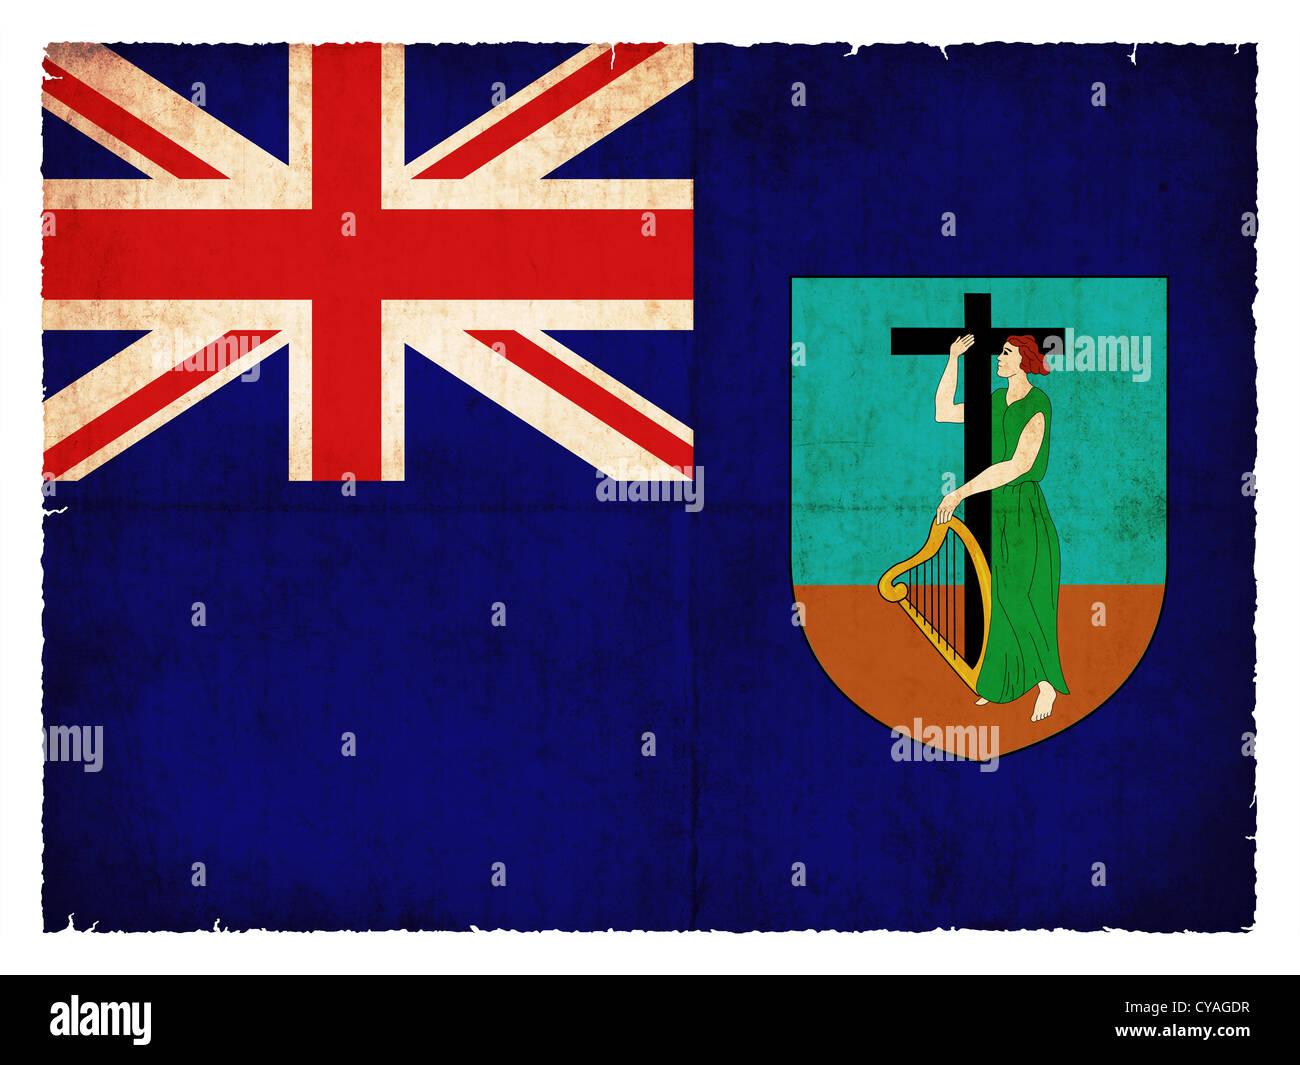 Flag of Monserrat (Britisches Überseegebiet) created in grunge style - Stock Image